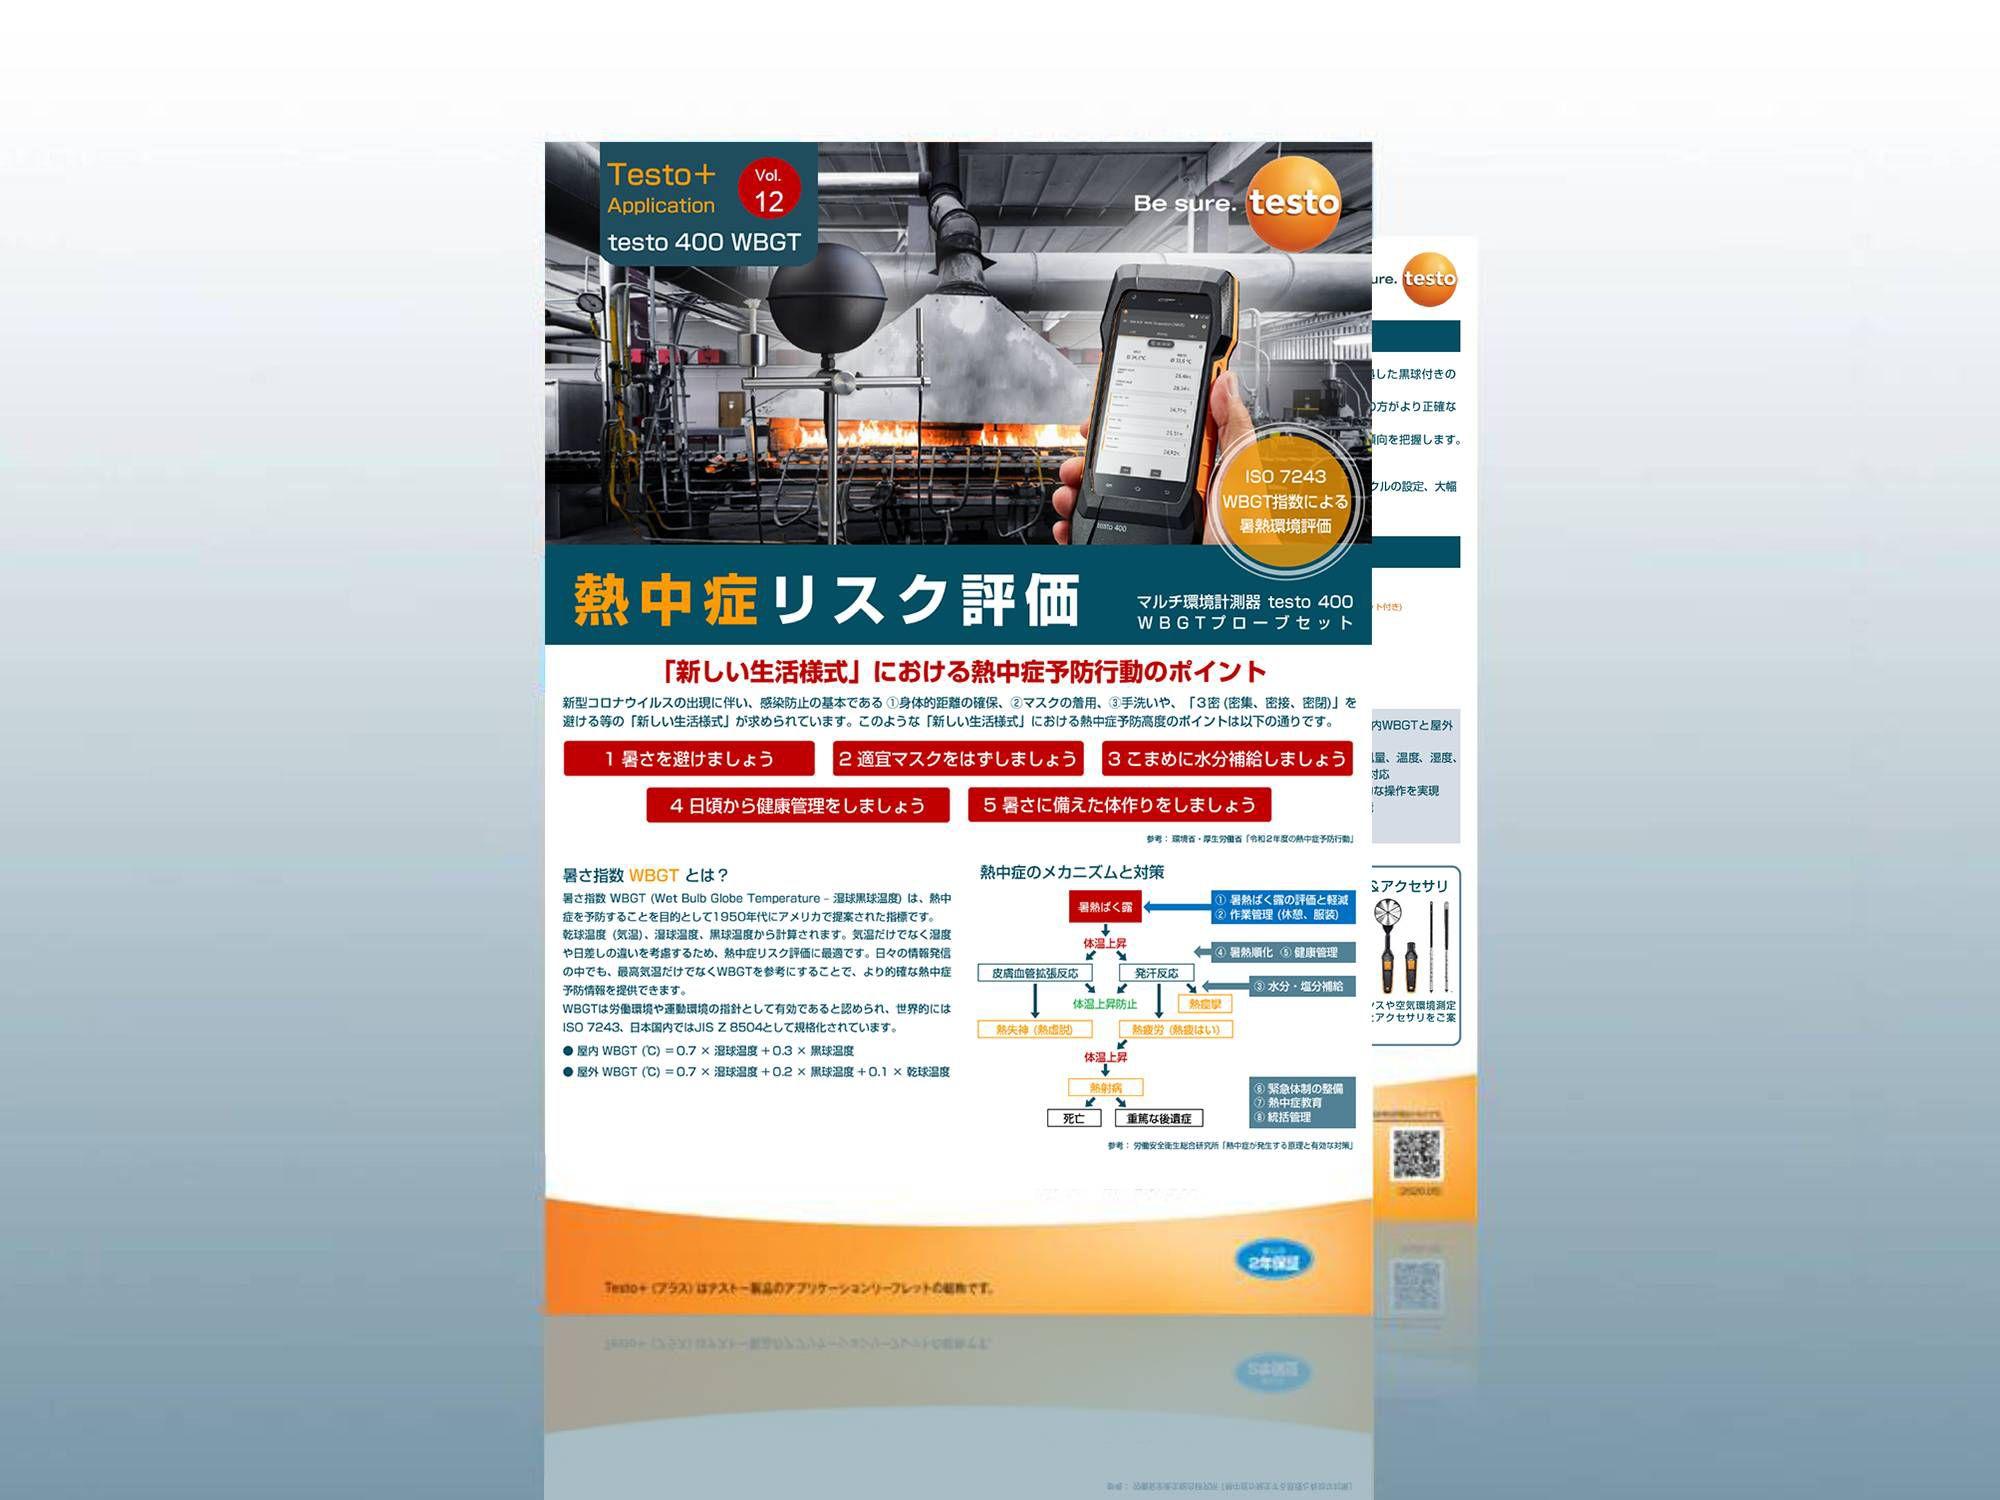 jp_testo-plus12_thumbnail_im.png